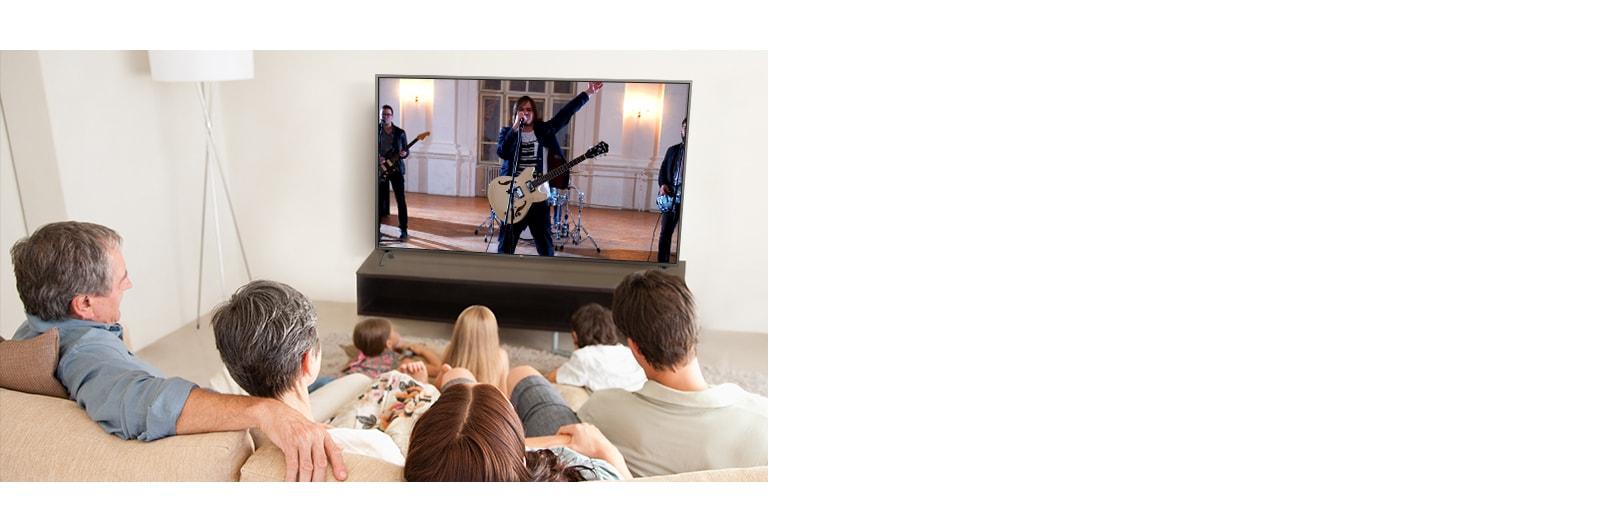 Sedmičlenná rodina vobývacím pokoji sleduje film. Na televizní obrazovce vystupuje hudební skupina.